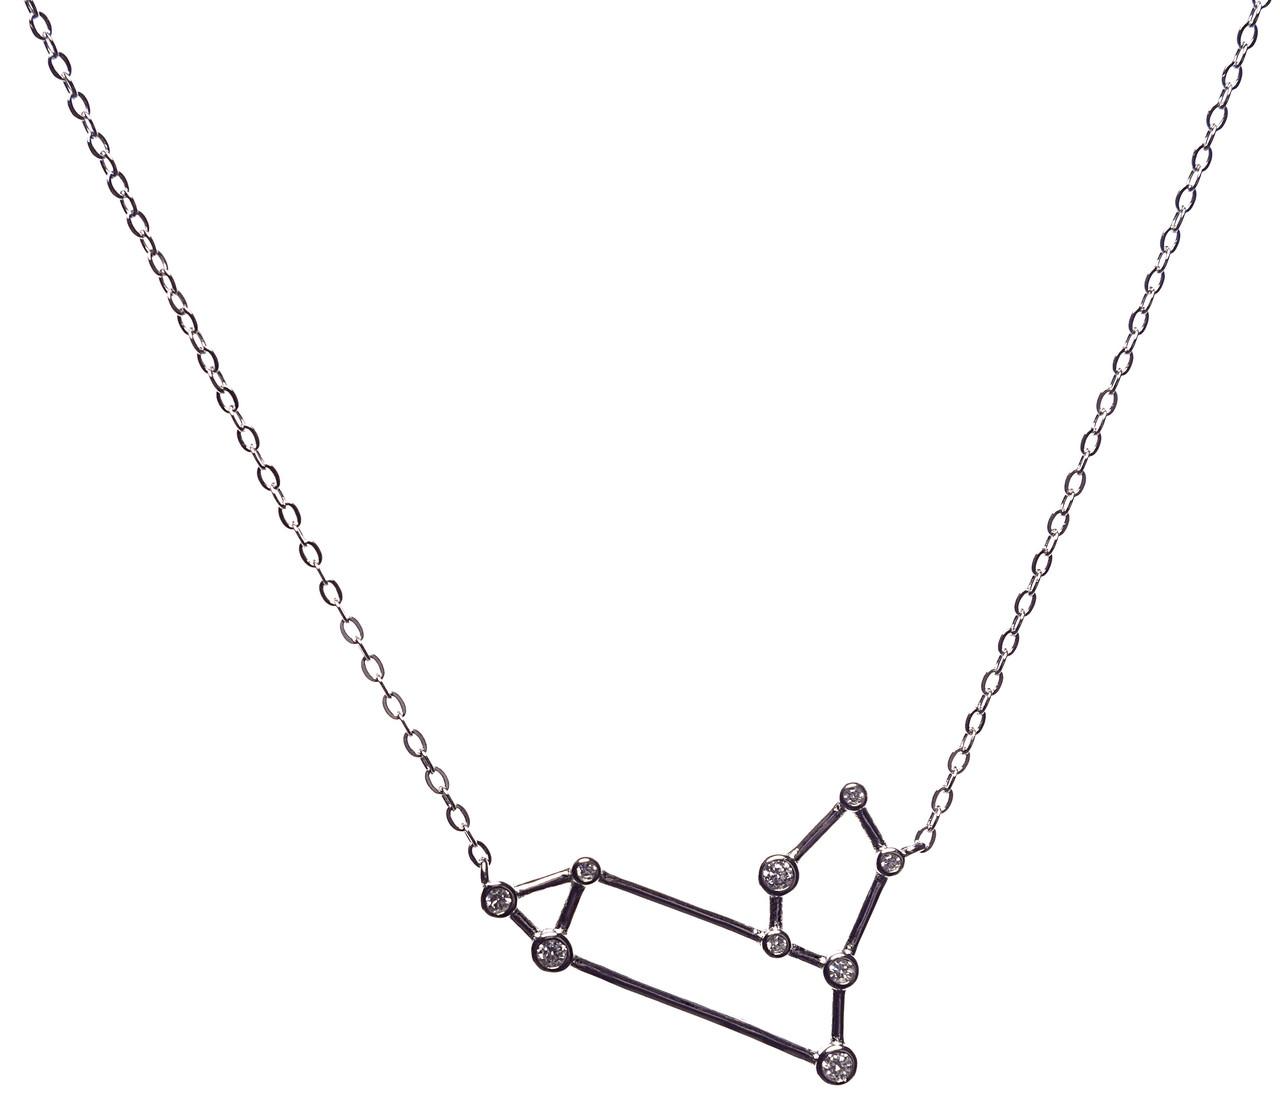 Серебряная подвеска (колье)   Лев, 40+5 см, плетение: якорное вставка: фианит белый, 2,4 гр